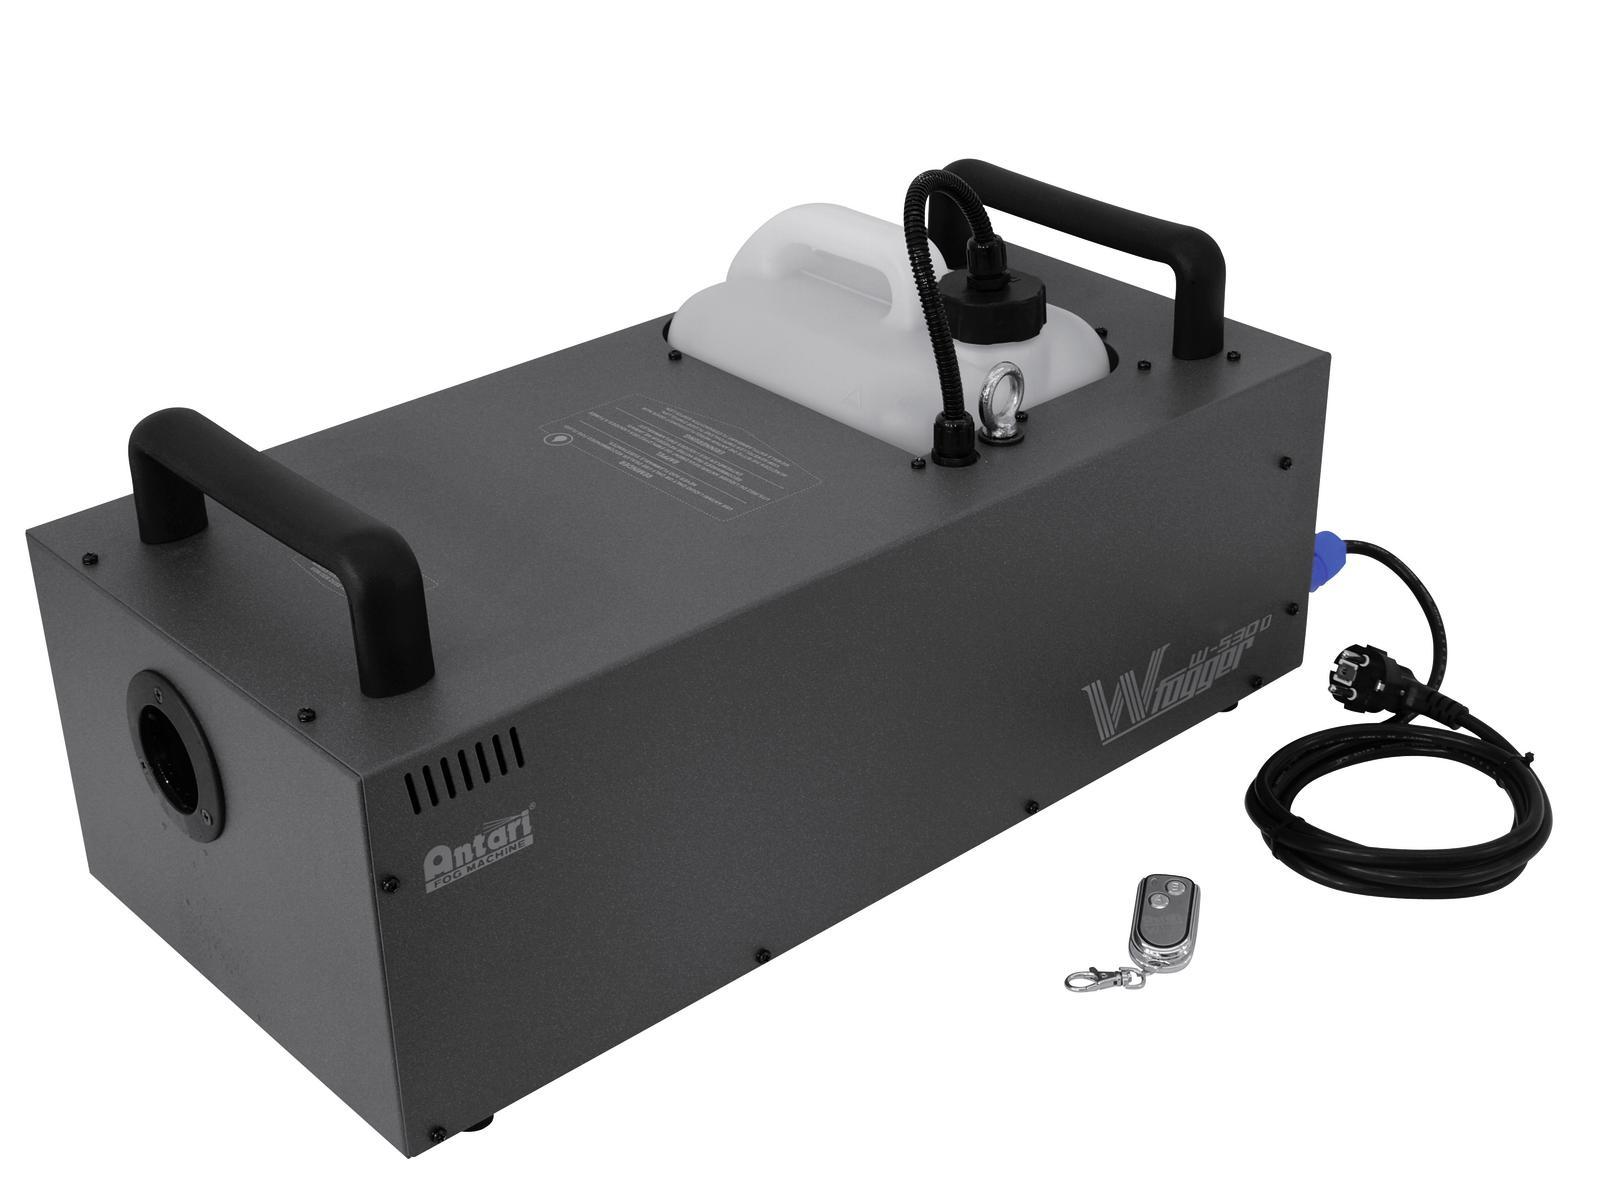 Macchina del fumo-nebbia alte prestazioni contoller wireless 2450 W DMX ANTARI